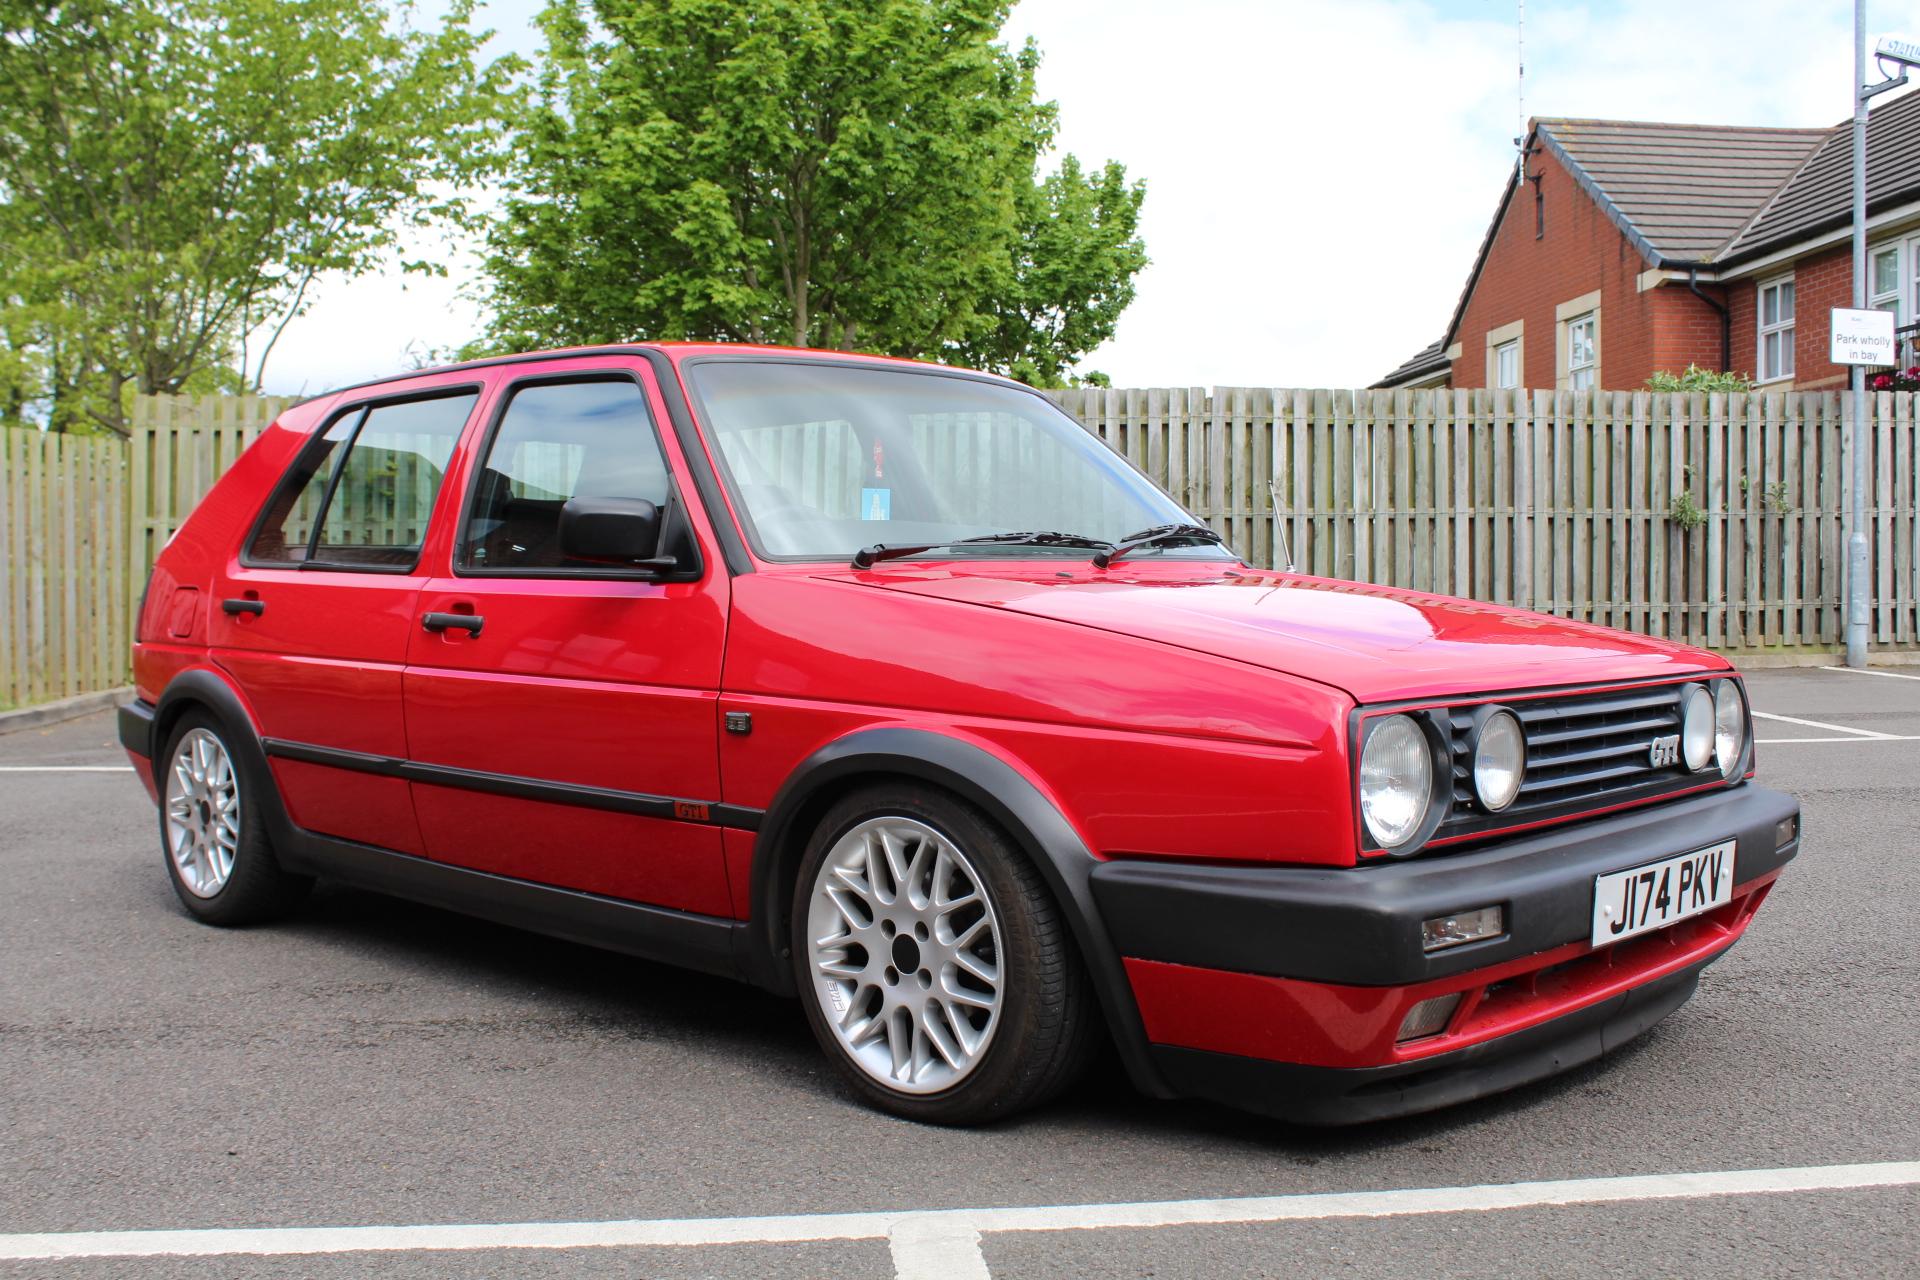 Vw Owned Brands >> 1992 Golf GTI 8v | VW Golf Mk2 OC - Cars For Sale